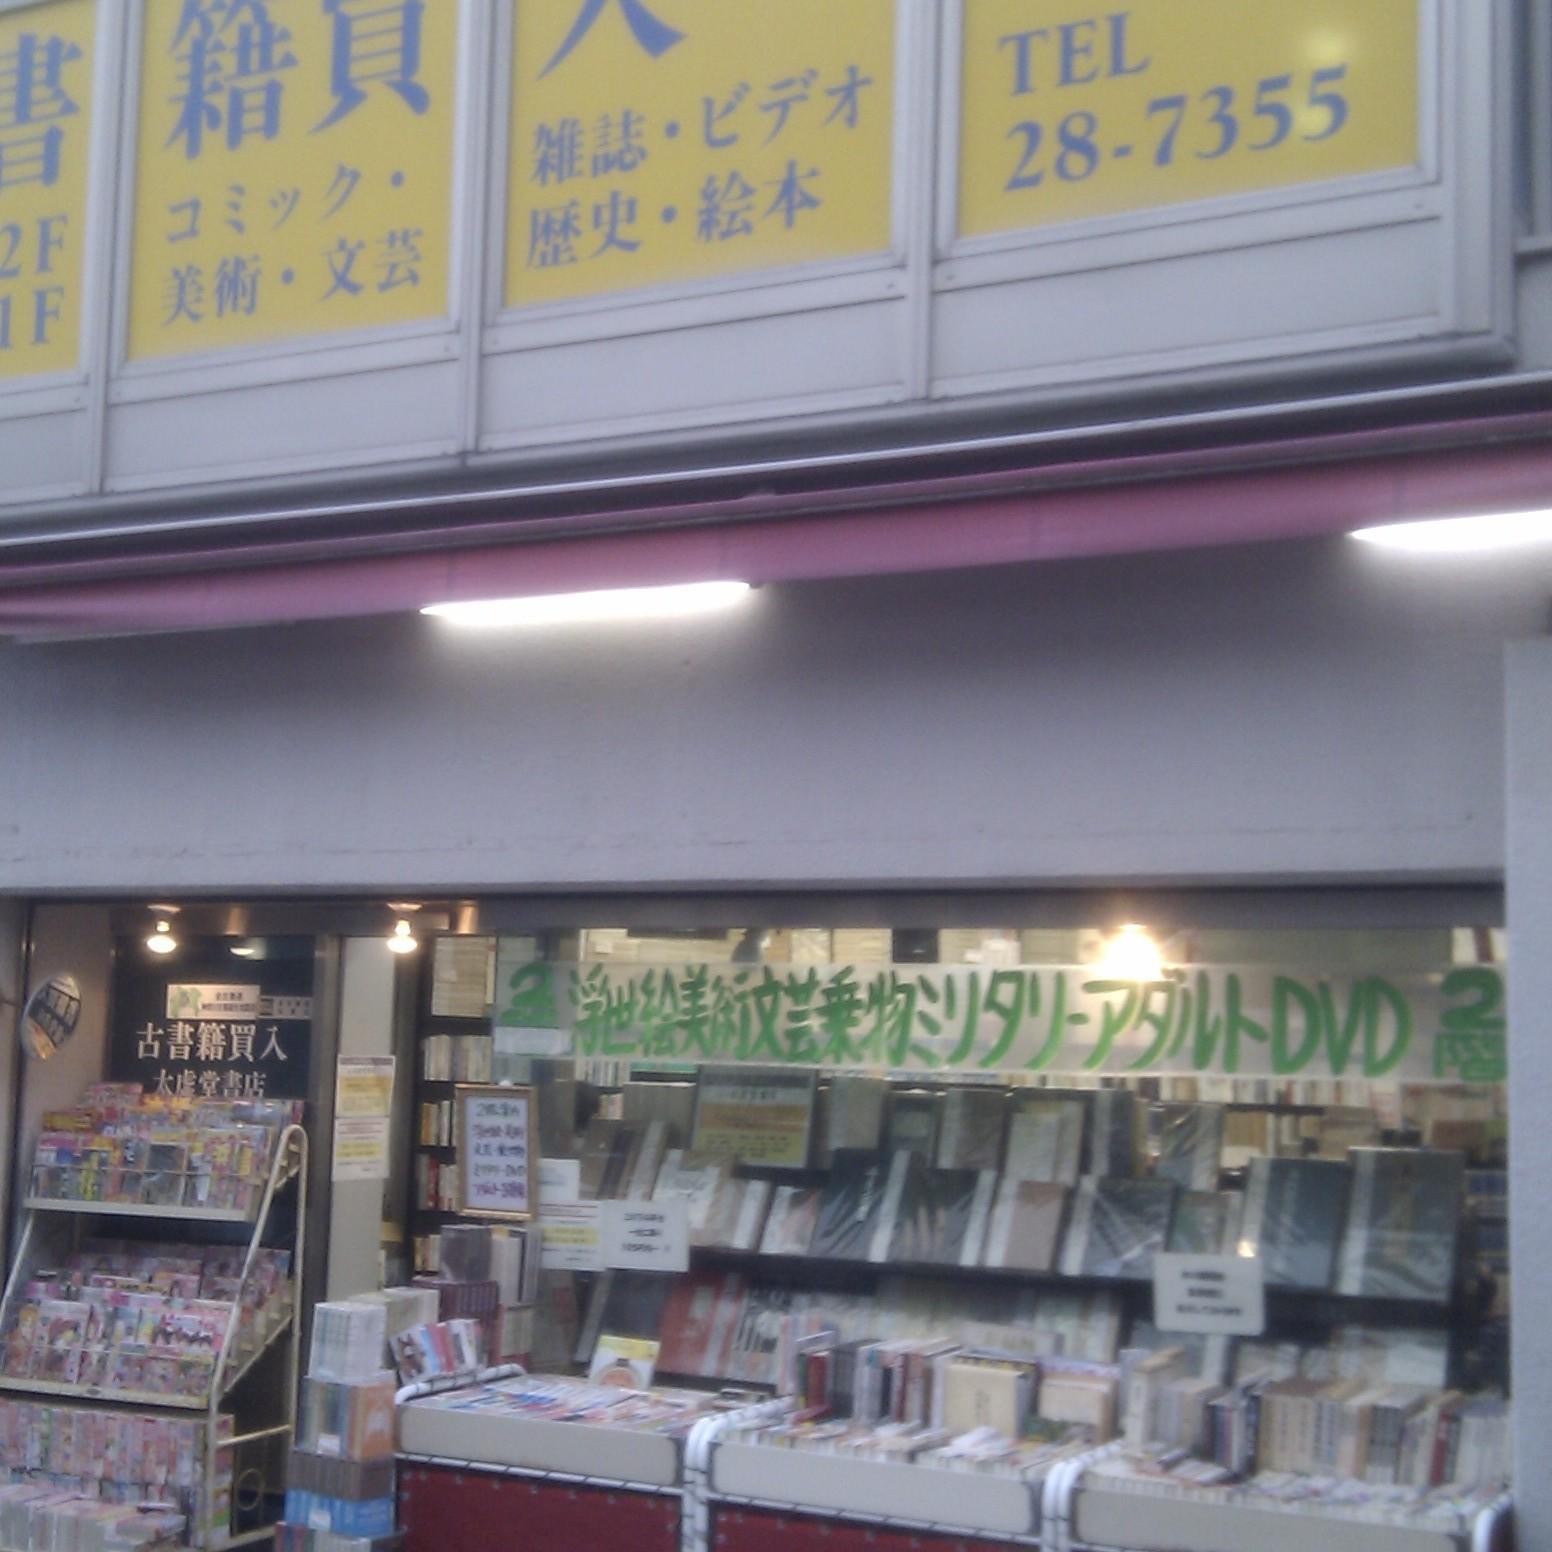 太虚堂書店